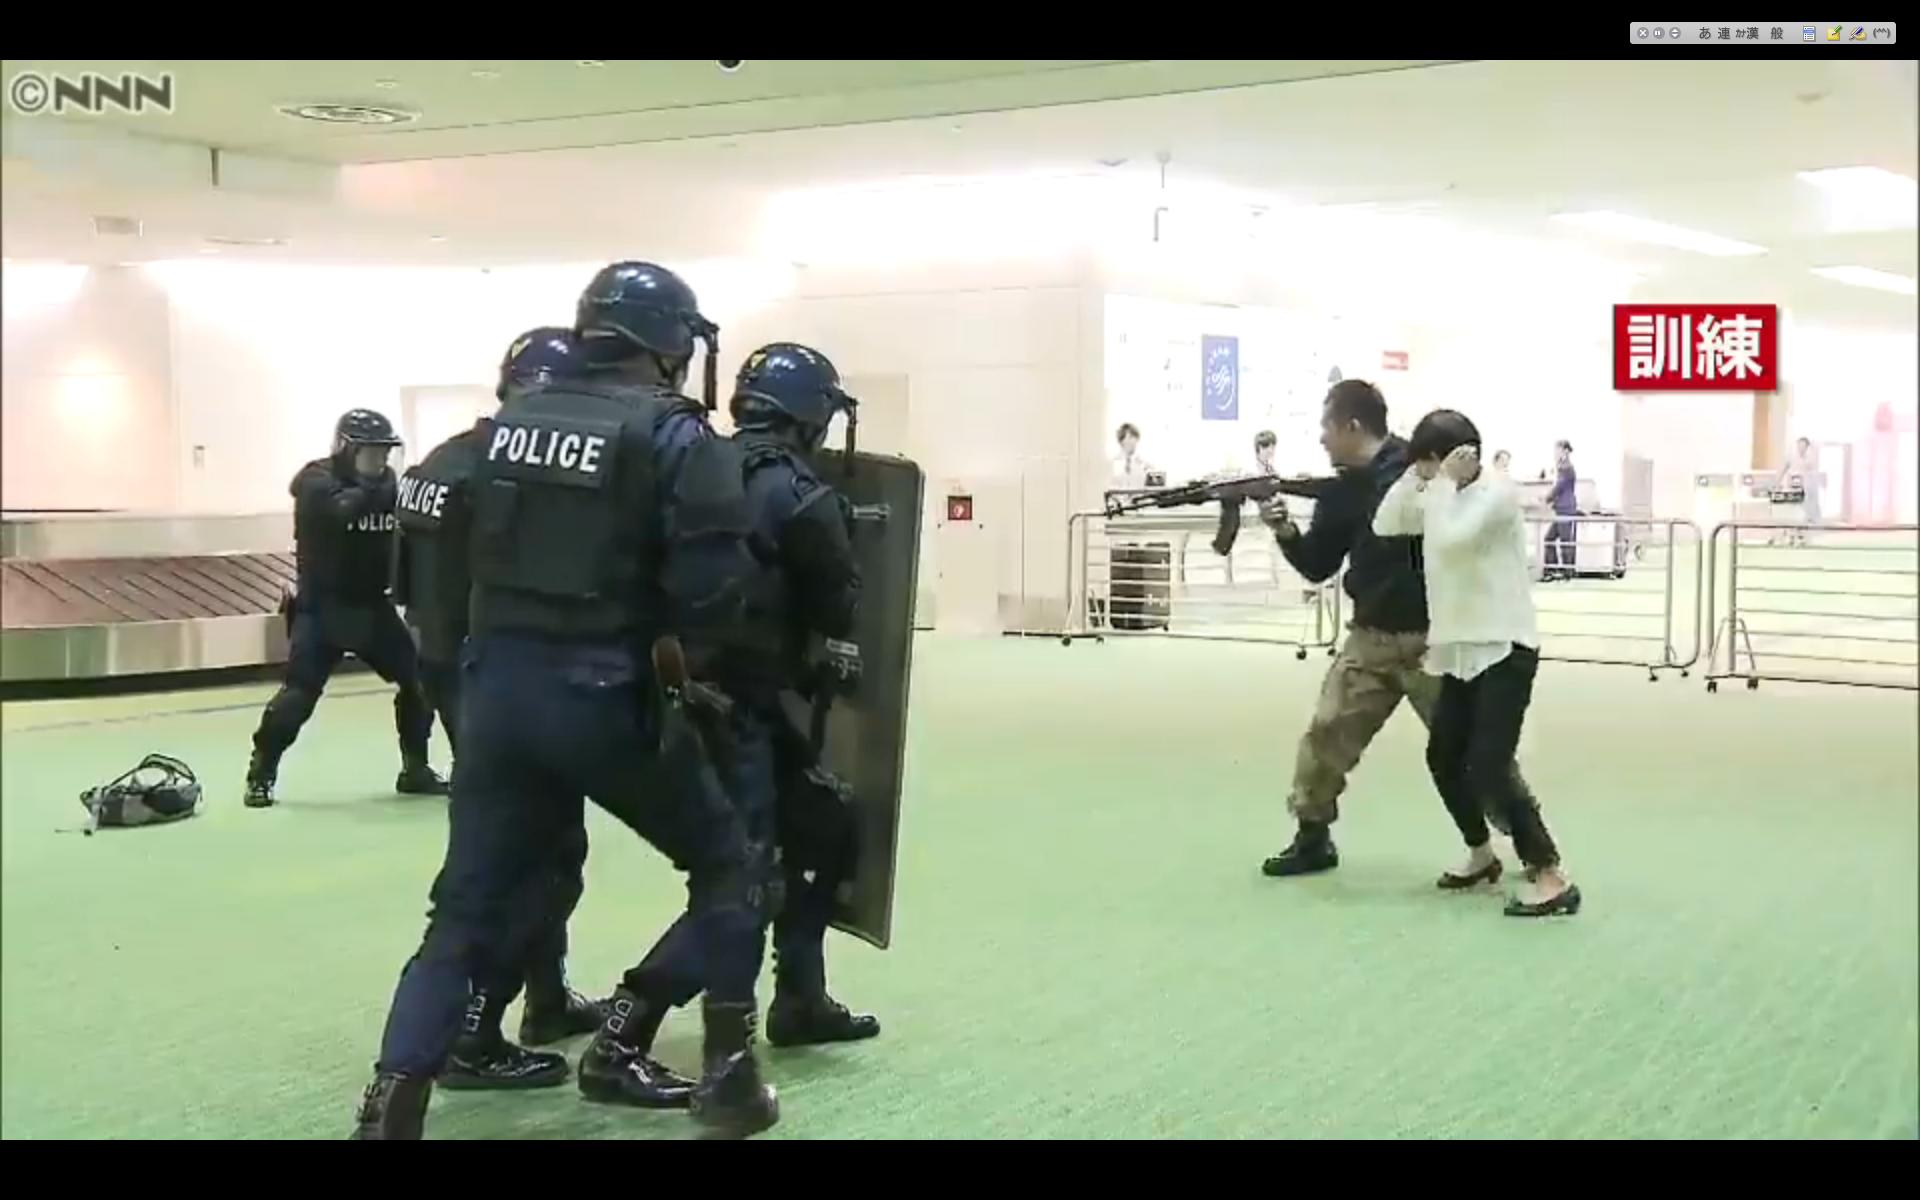 日本のテロに対する警備と訓練の甘さ